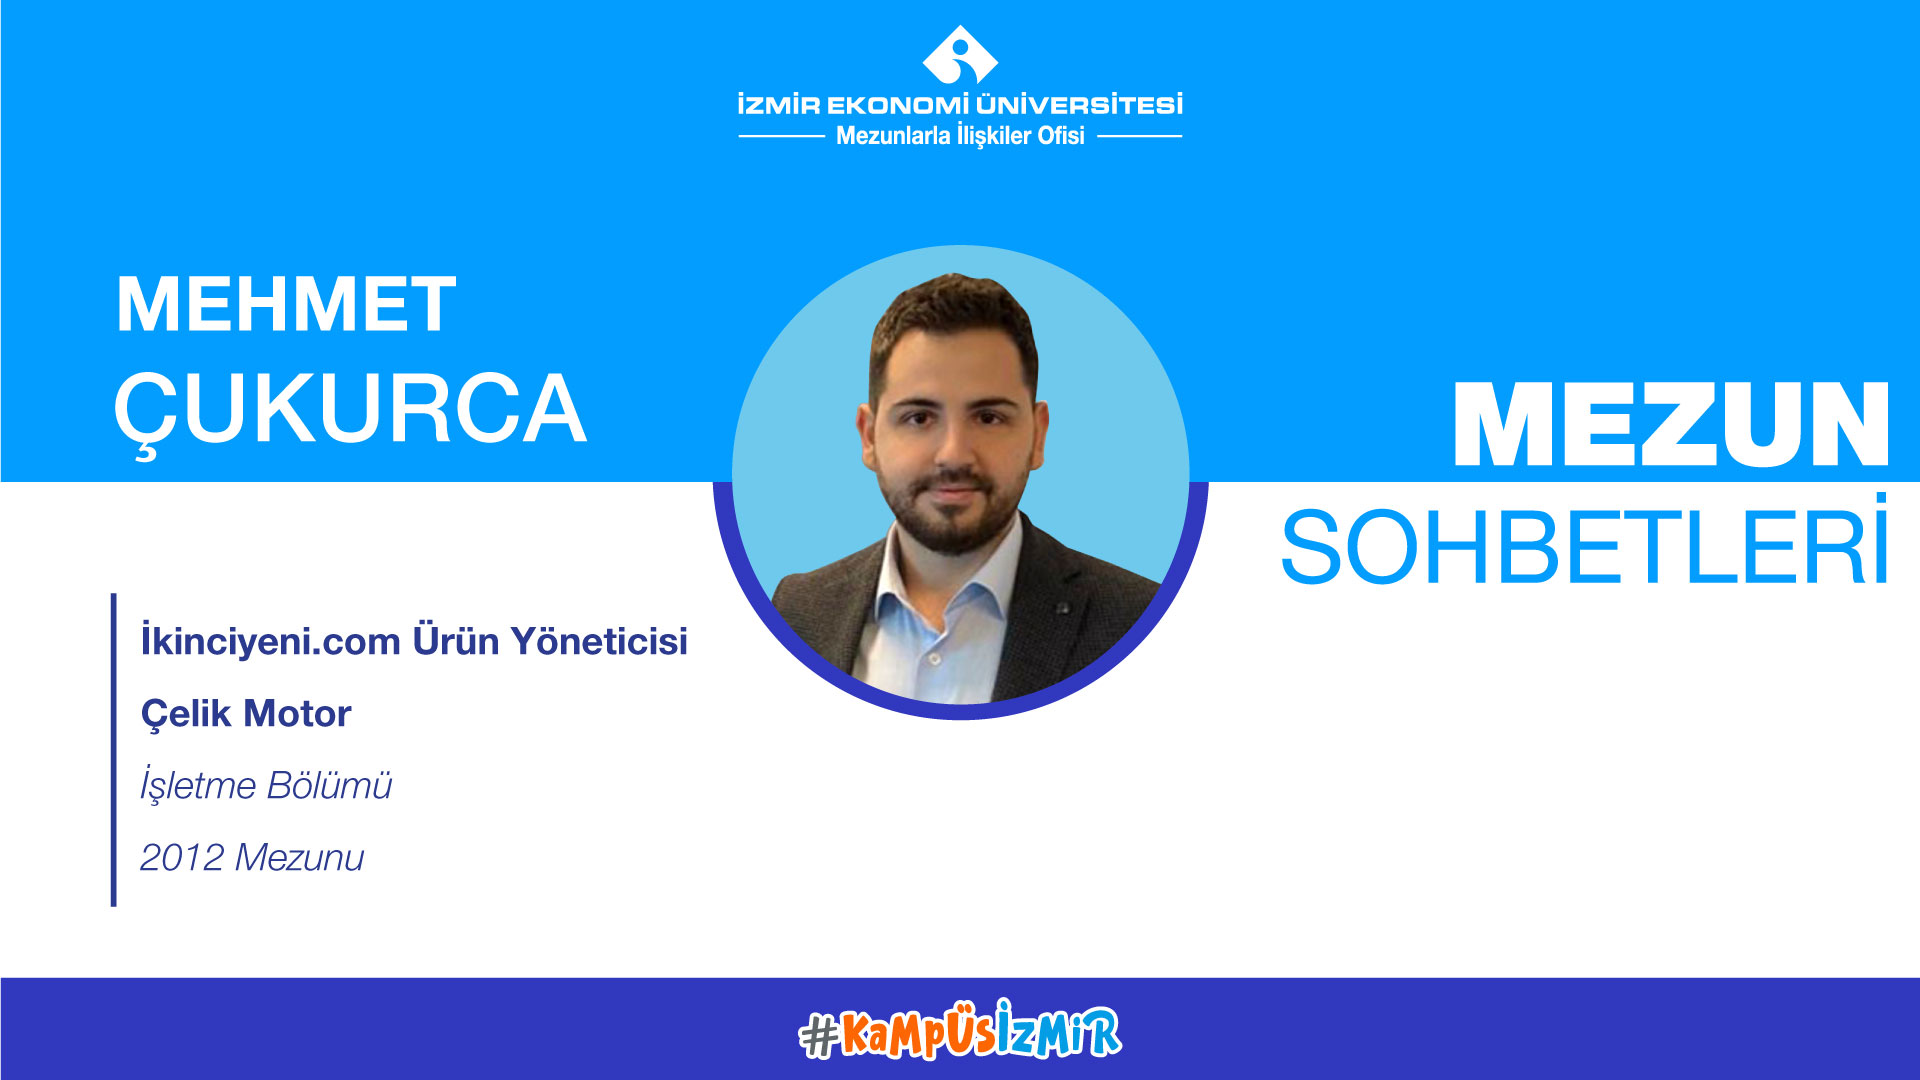 Online alumni chats-Mehmet Çukurca